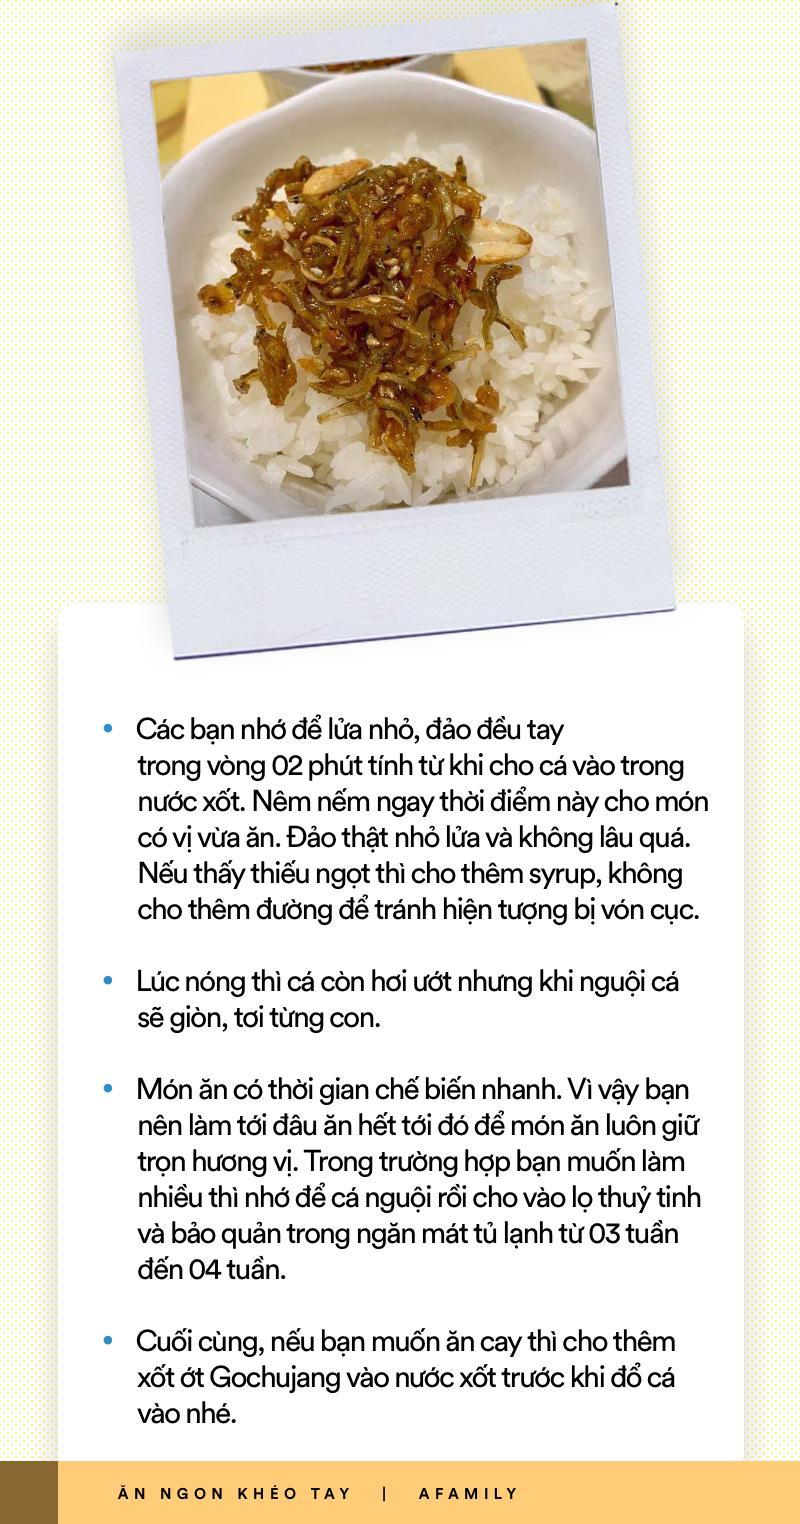 Hóa ra món cá khô rang kiểu Hàn siêu ngon làm chỉ trong 5 phút thôi - bảo sao các mẹ thích đến thế! - Ảnh 8